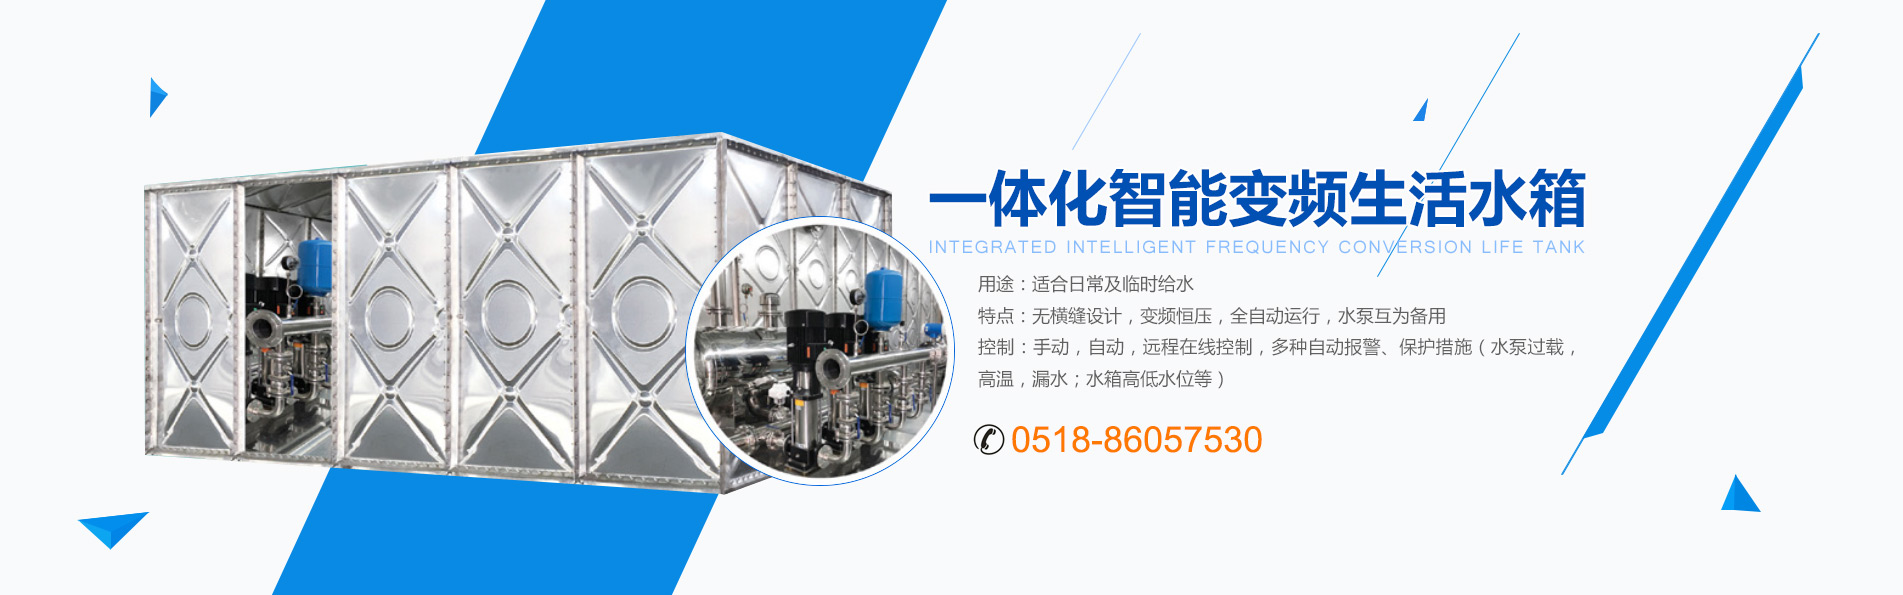 水泵物联网